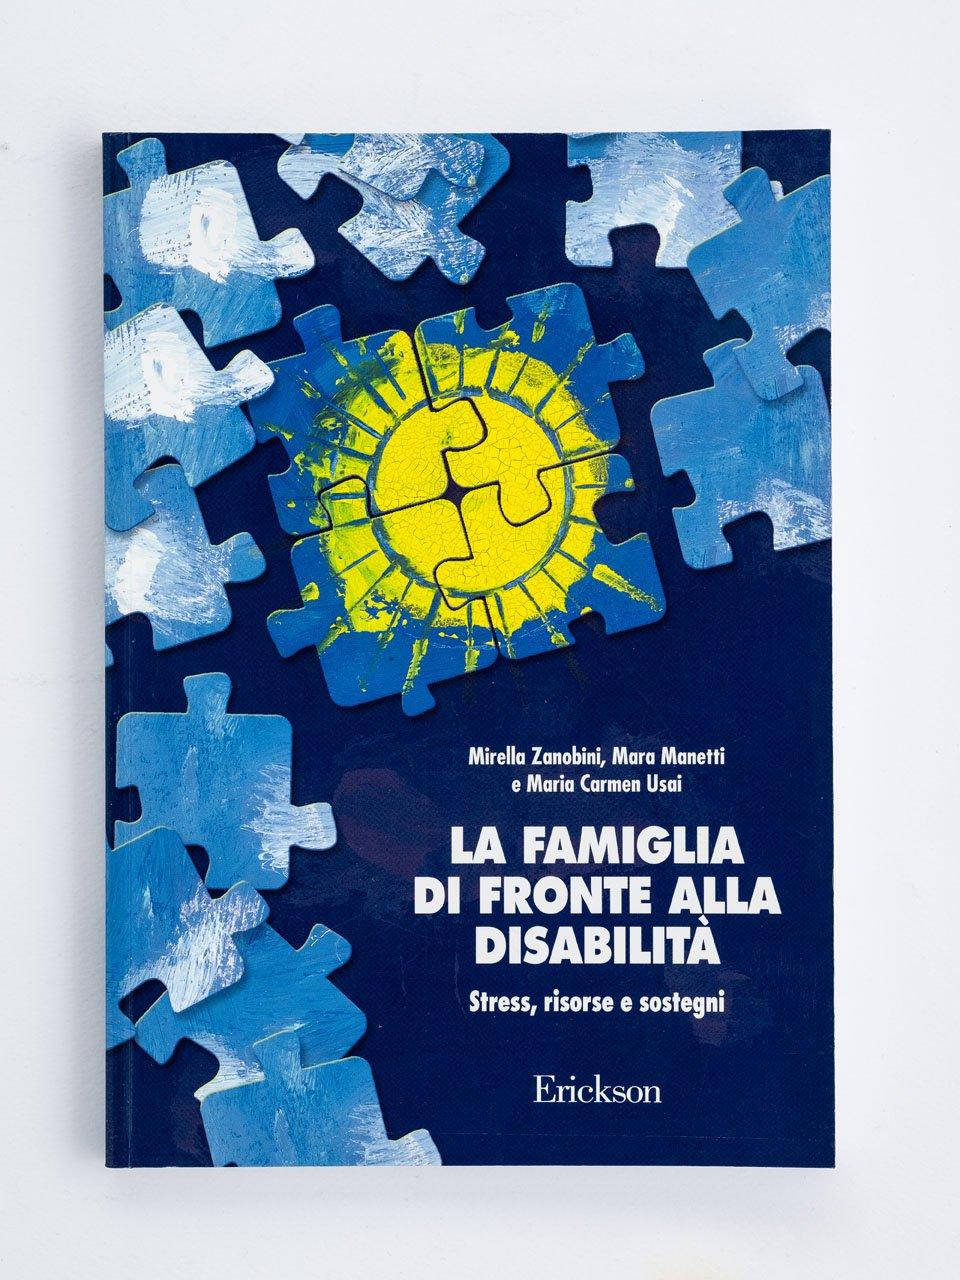 La famiglia di fronte alla disabilità - Disabilità e società - Libri - Erickson